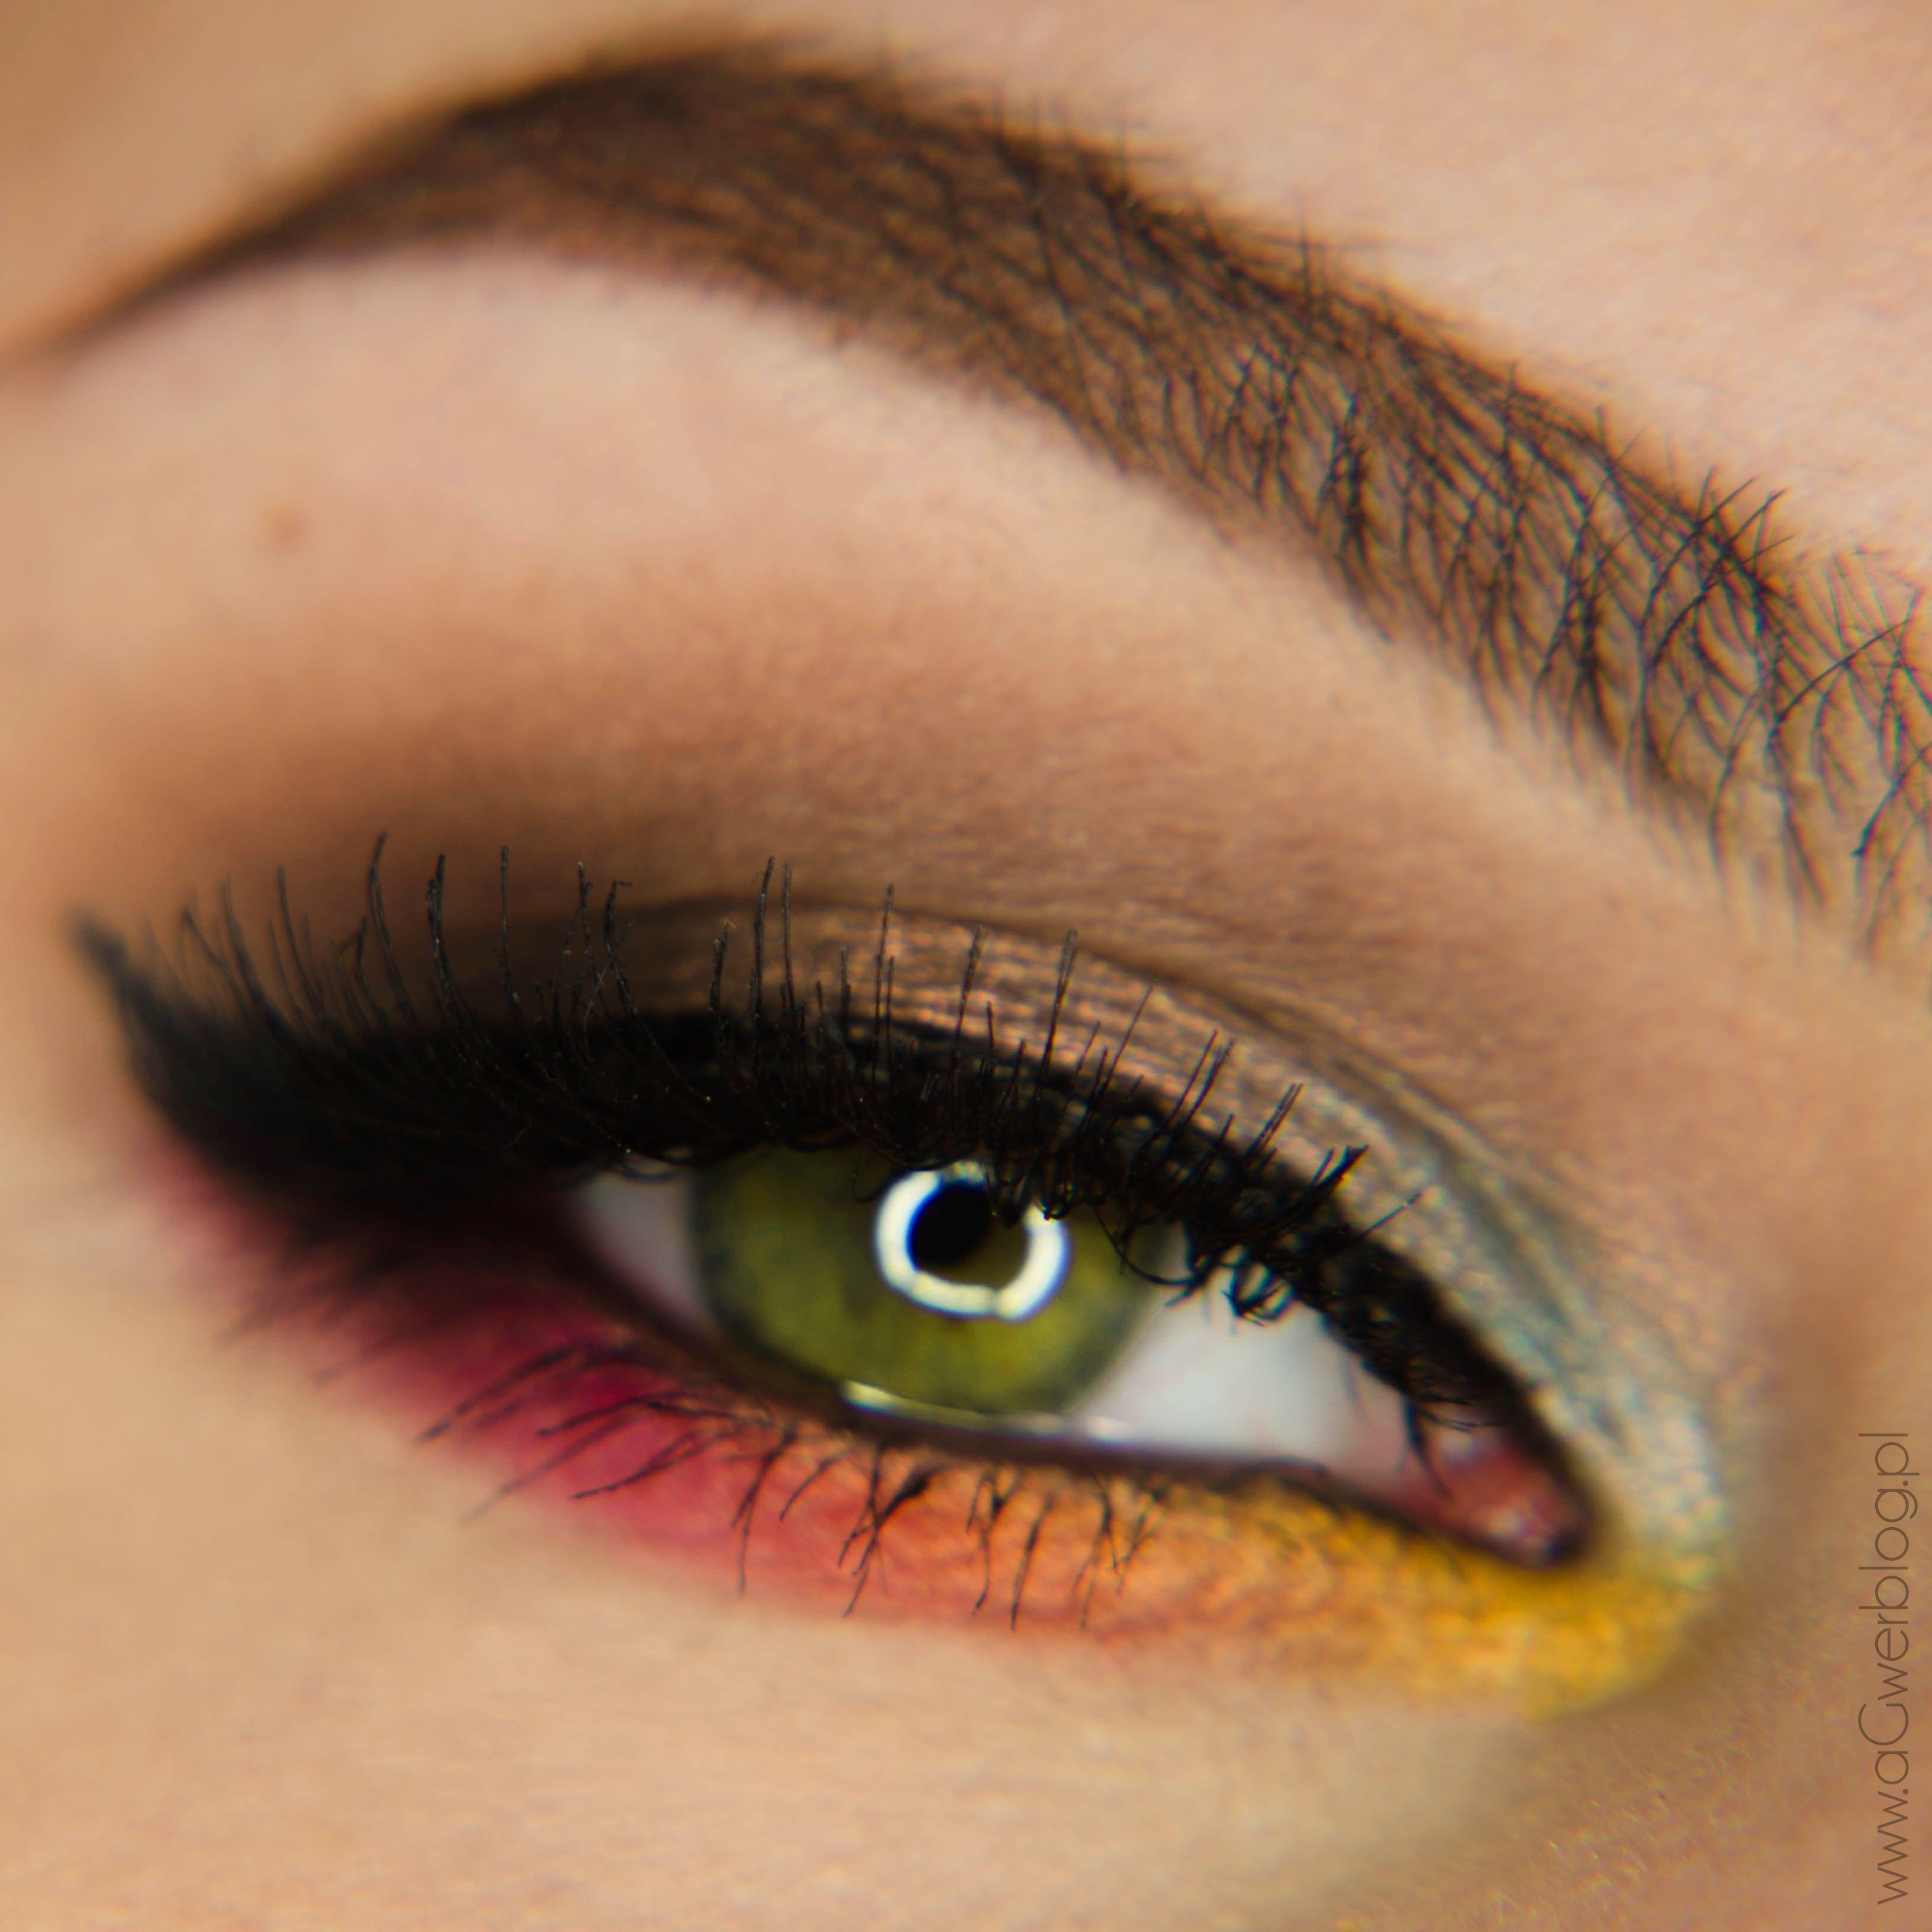 Makeup Geek Eyeshadows in Latte, Lemon Drop and Mocha